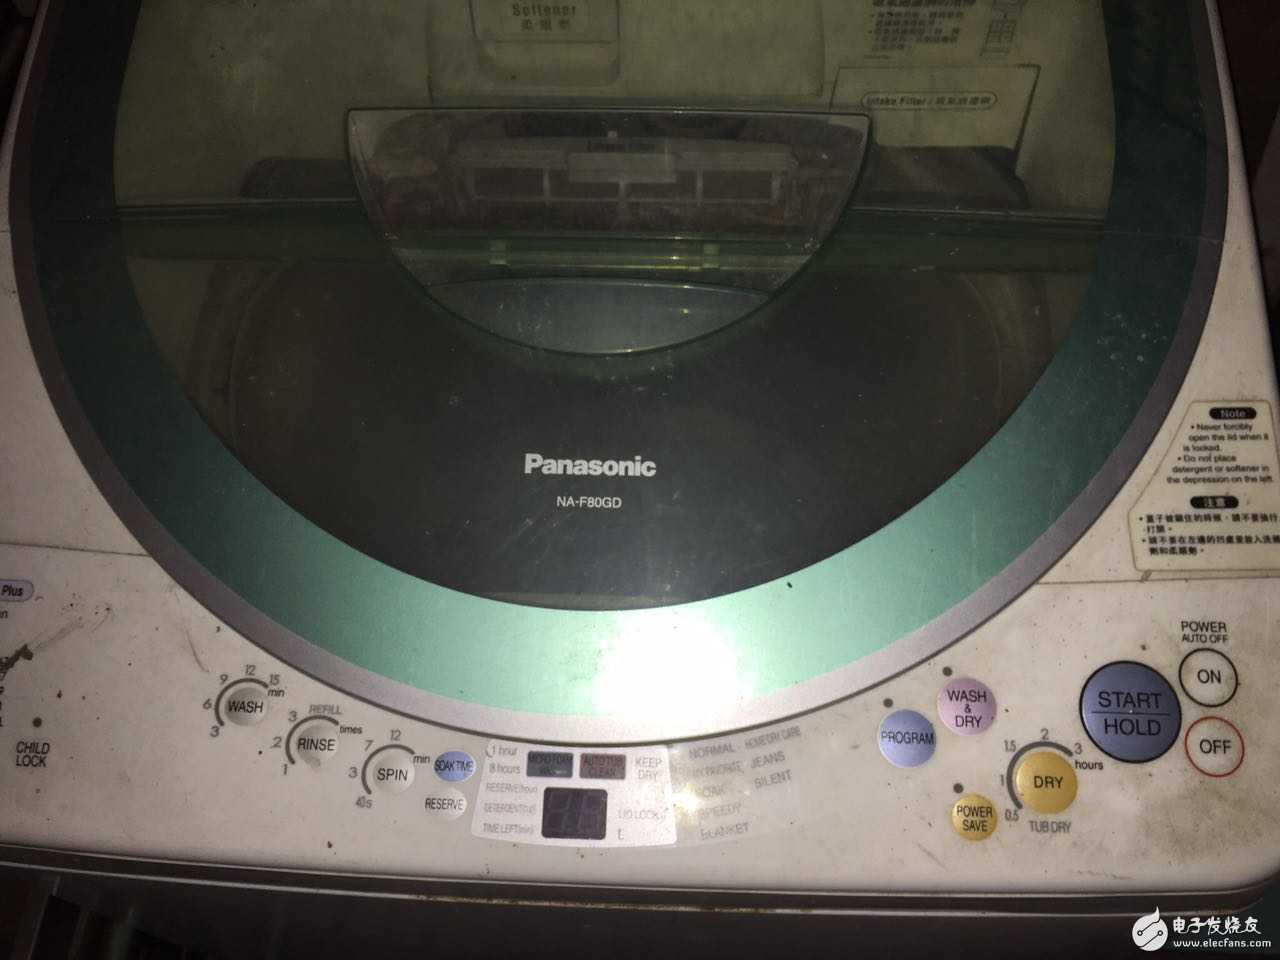 哪位大师有Panasonic NA-F80GD洗衣机的中文说明书?求分享!